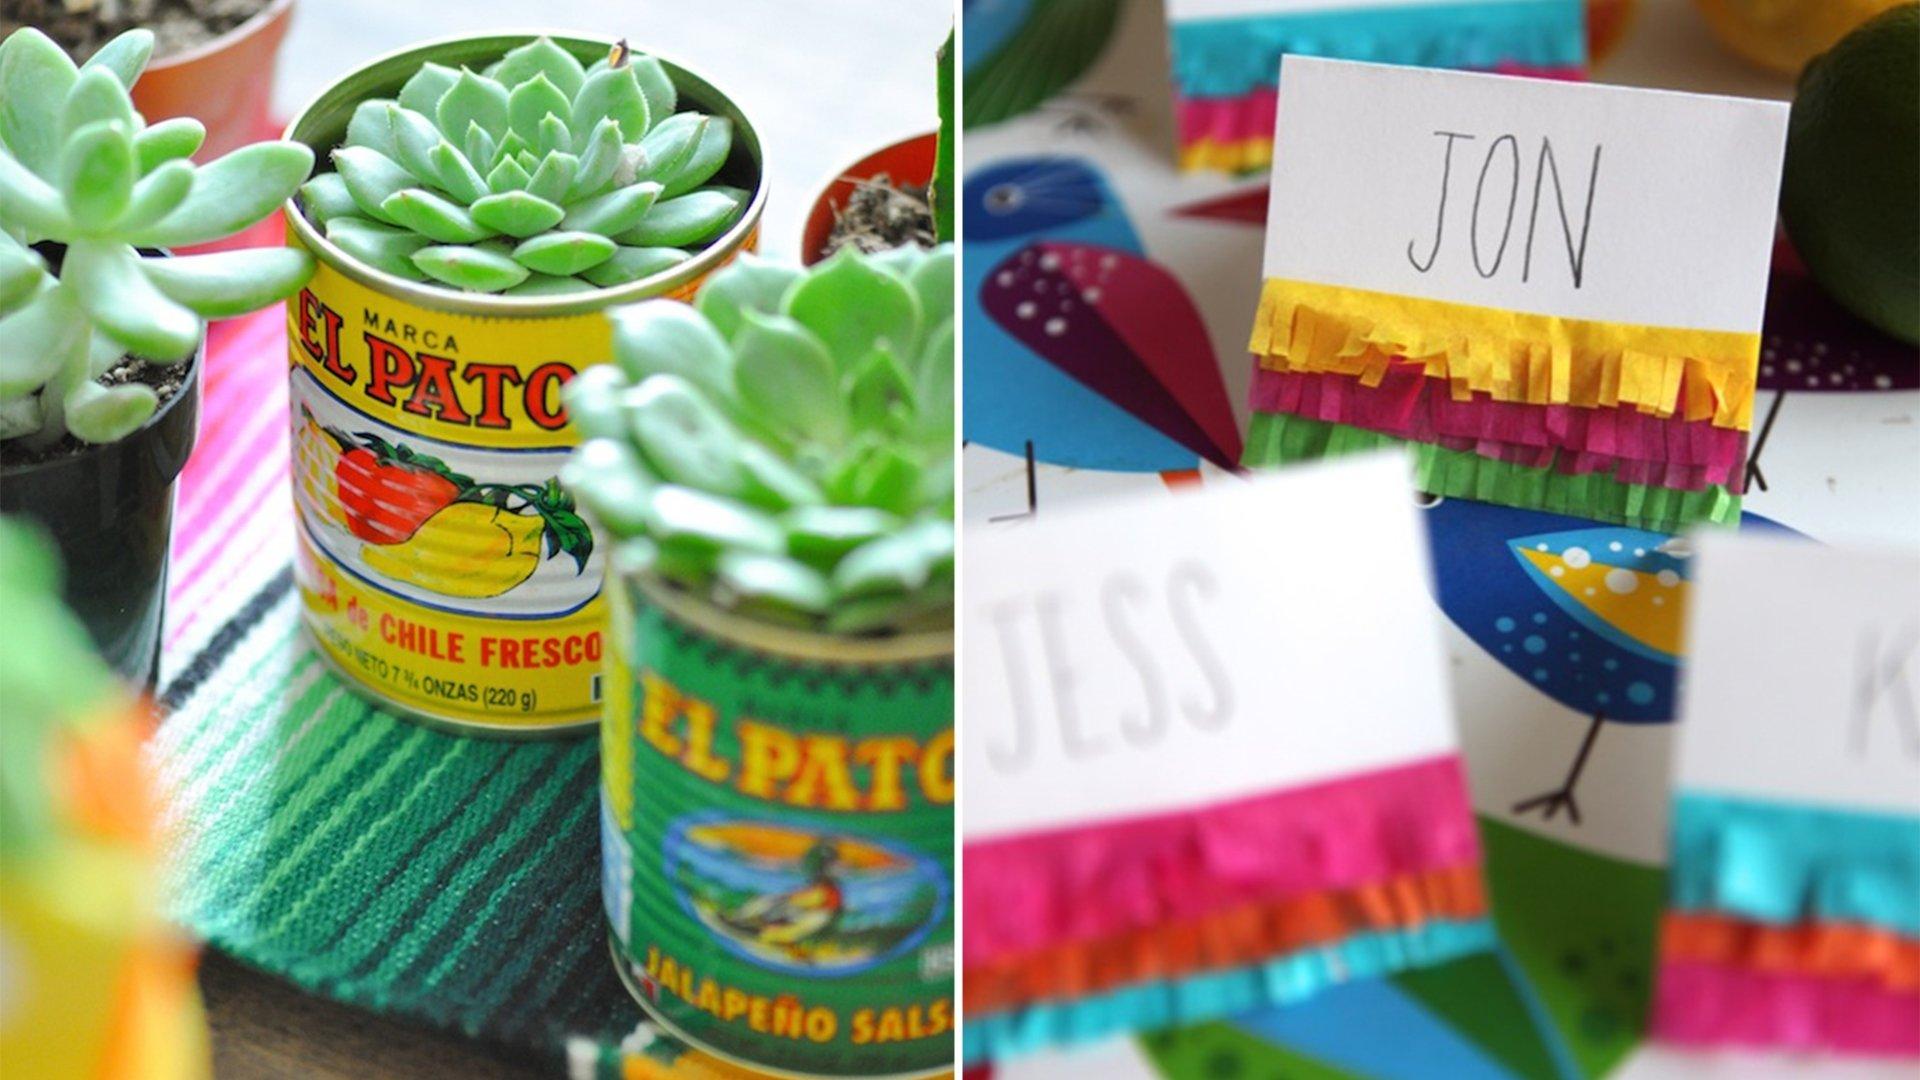 10 Perfect Cinco De Mayo Celebration Ideas cinco de mayo decorations 10 diys and party ideas 3 2020